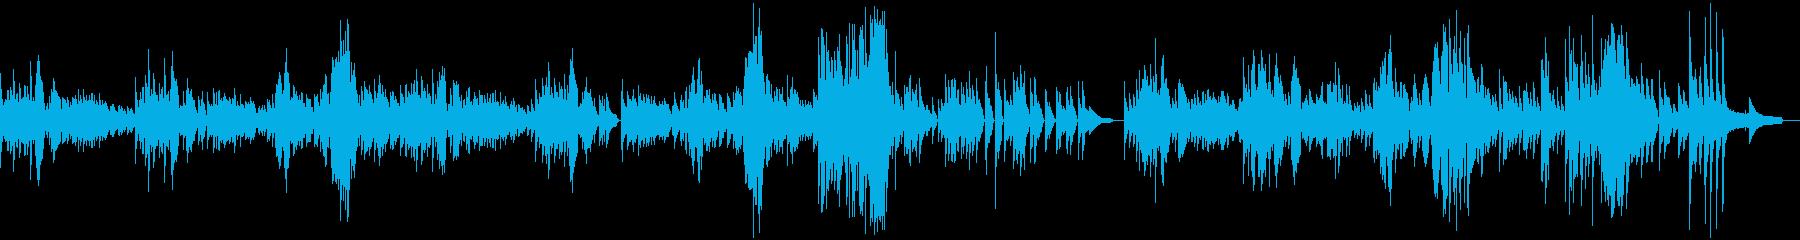 ピアノによる3拍子の軽快なワルツ曲です。の再生済みの波形